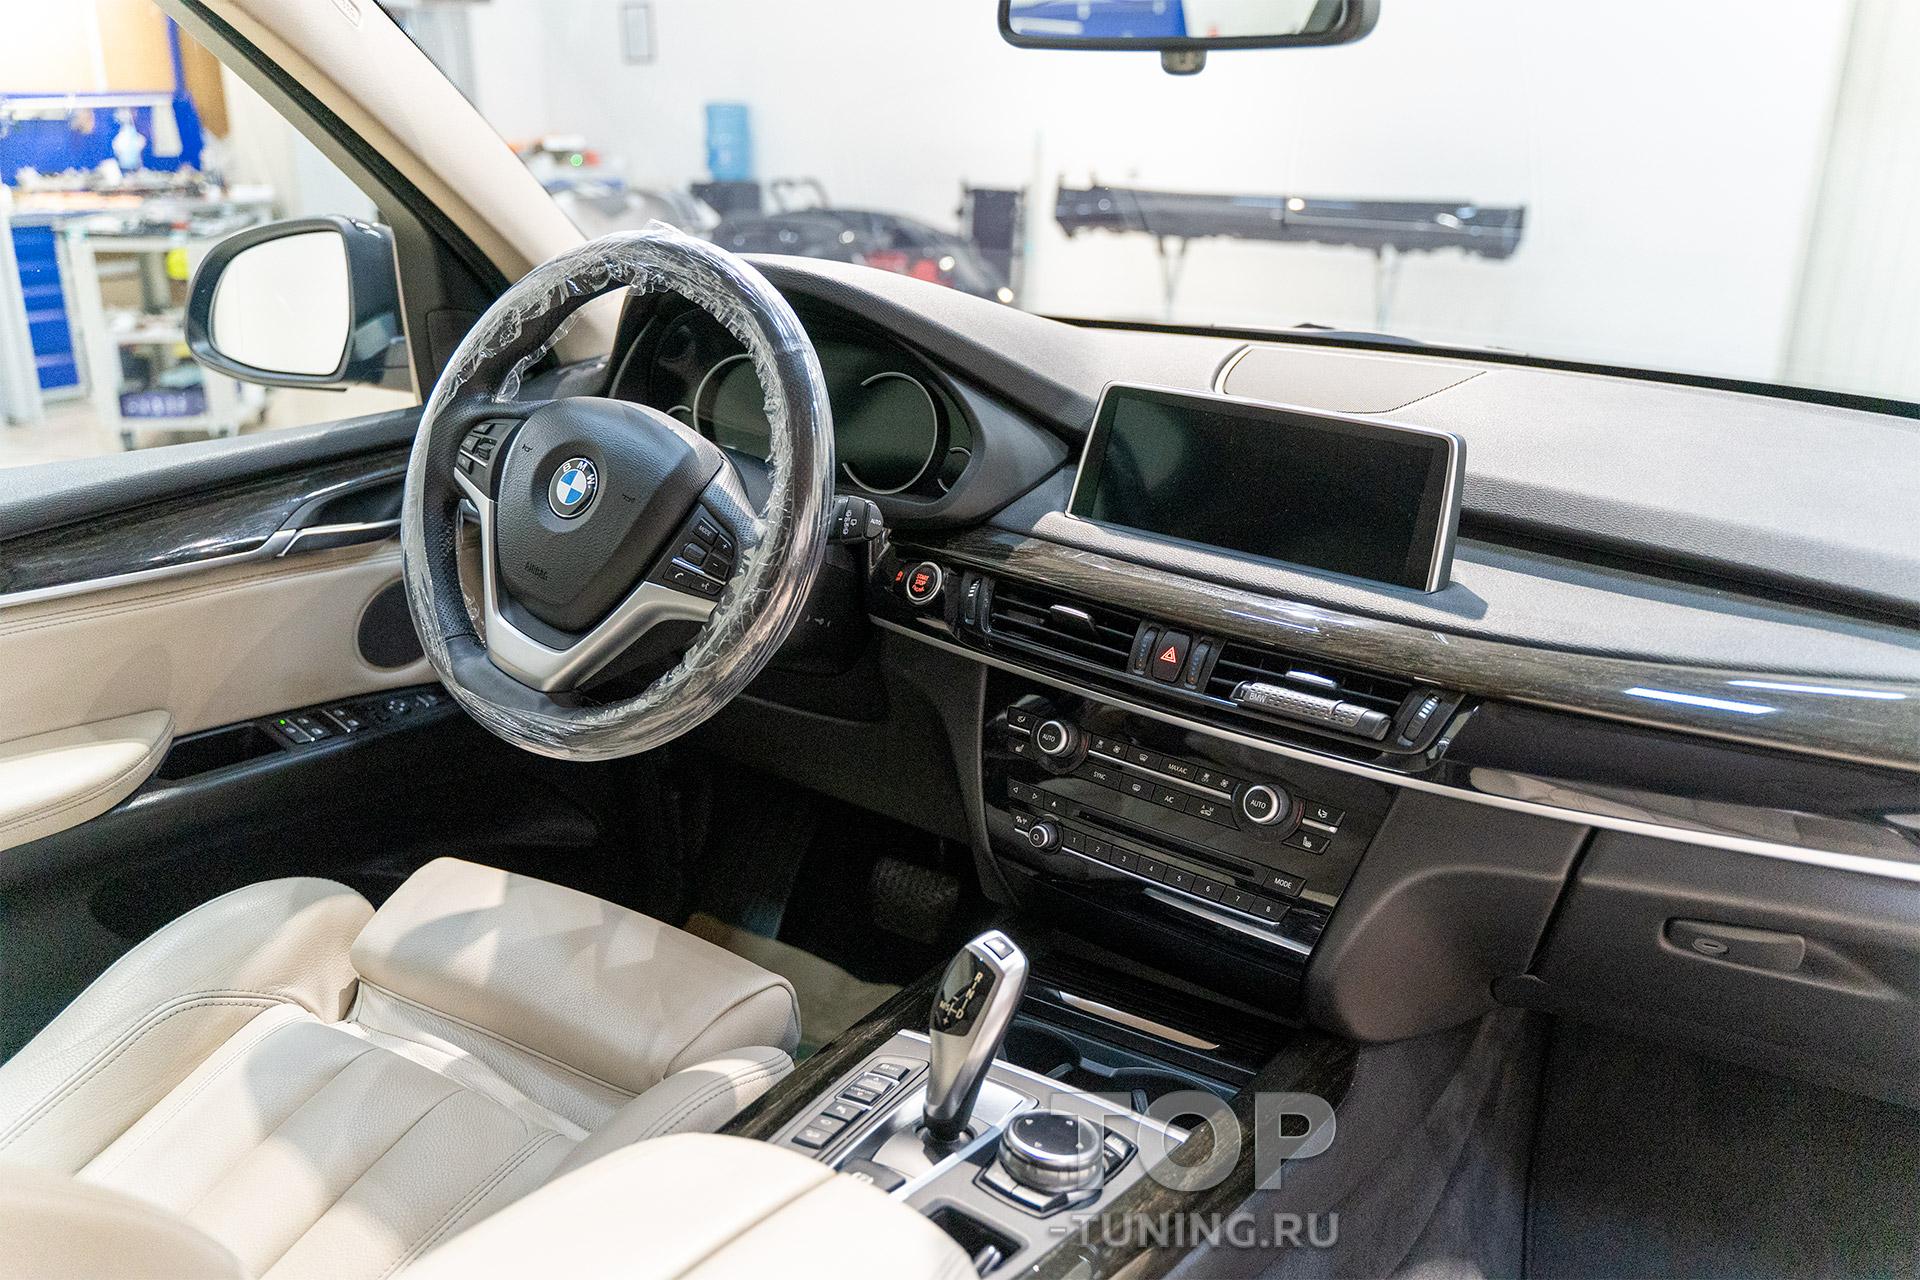 BMW X5 f15 панель приборов и торпедо BMW X5 f15